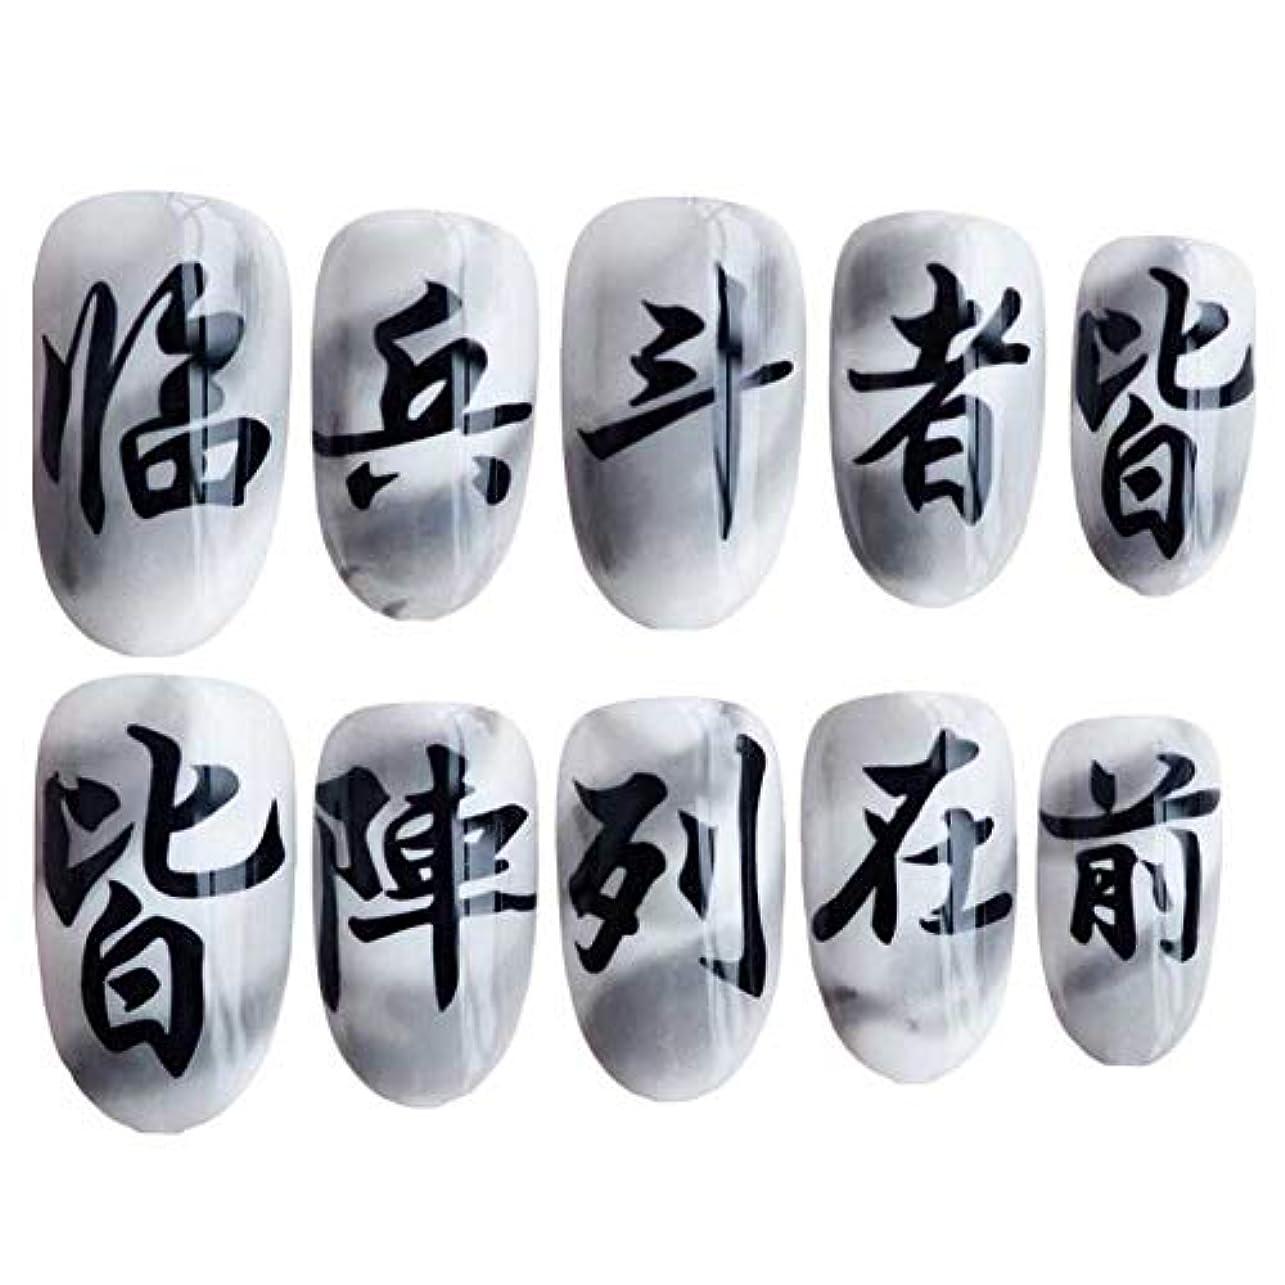 干ばつ隣接脱獄中国語文字灰色/白い偽爪爪人工爪装飾爪のヒント